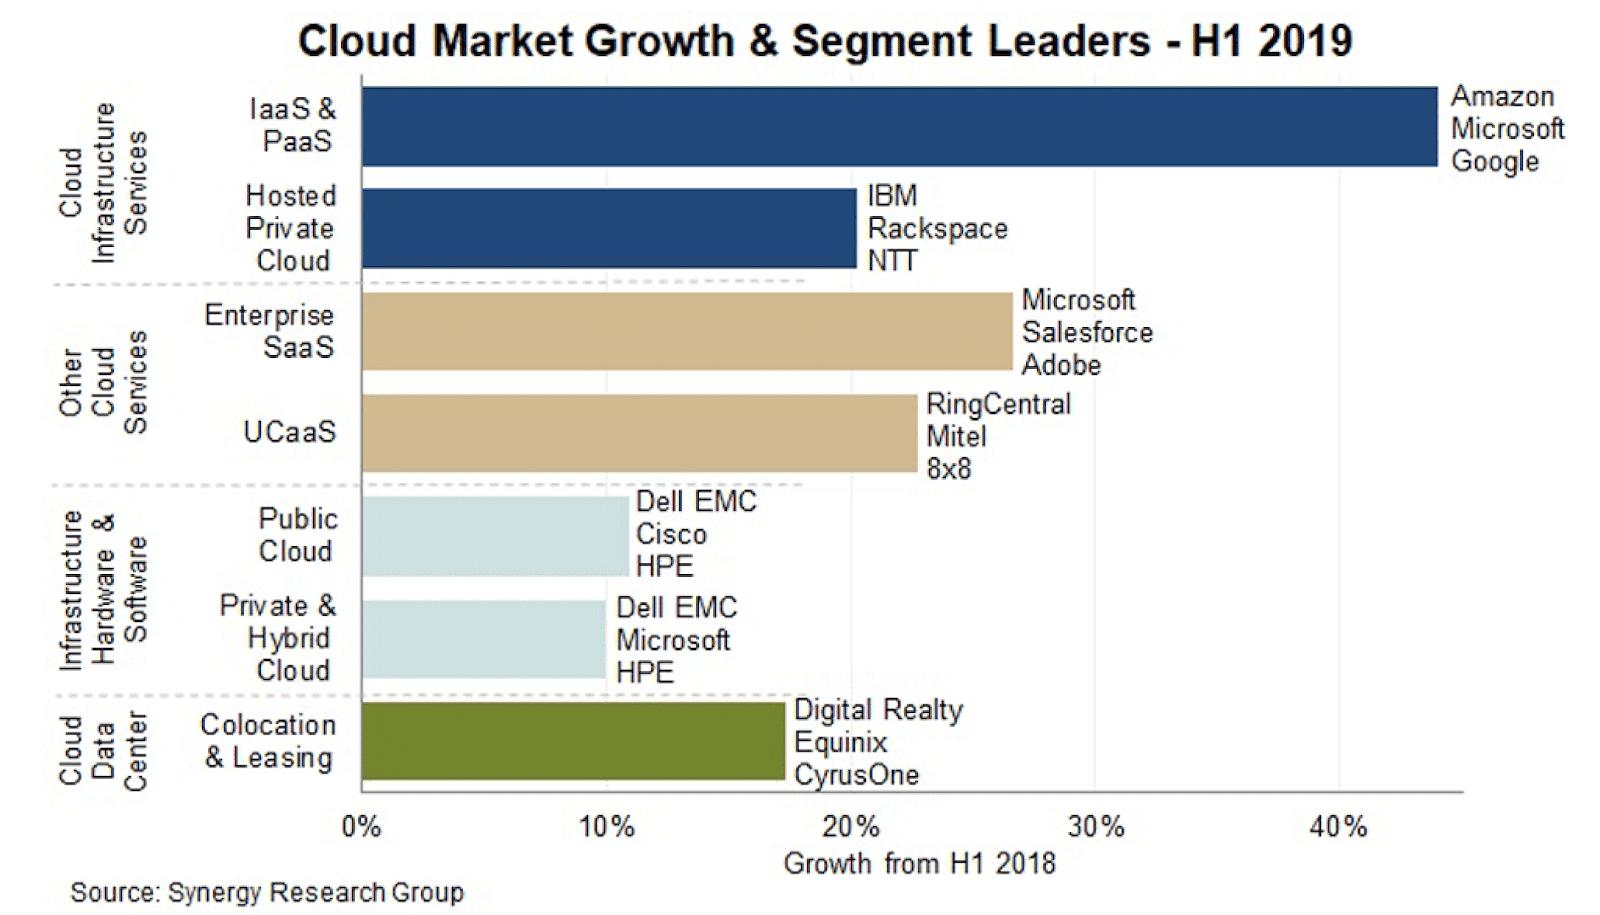 Wachstum des Cloud-Marktes und Marktführer im Segment